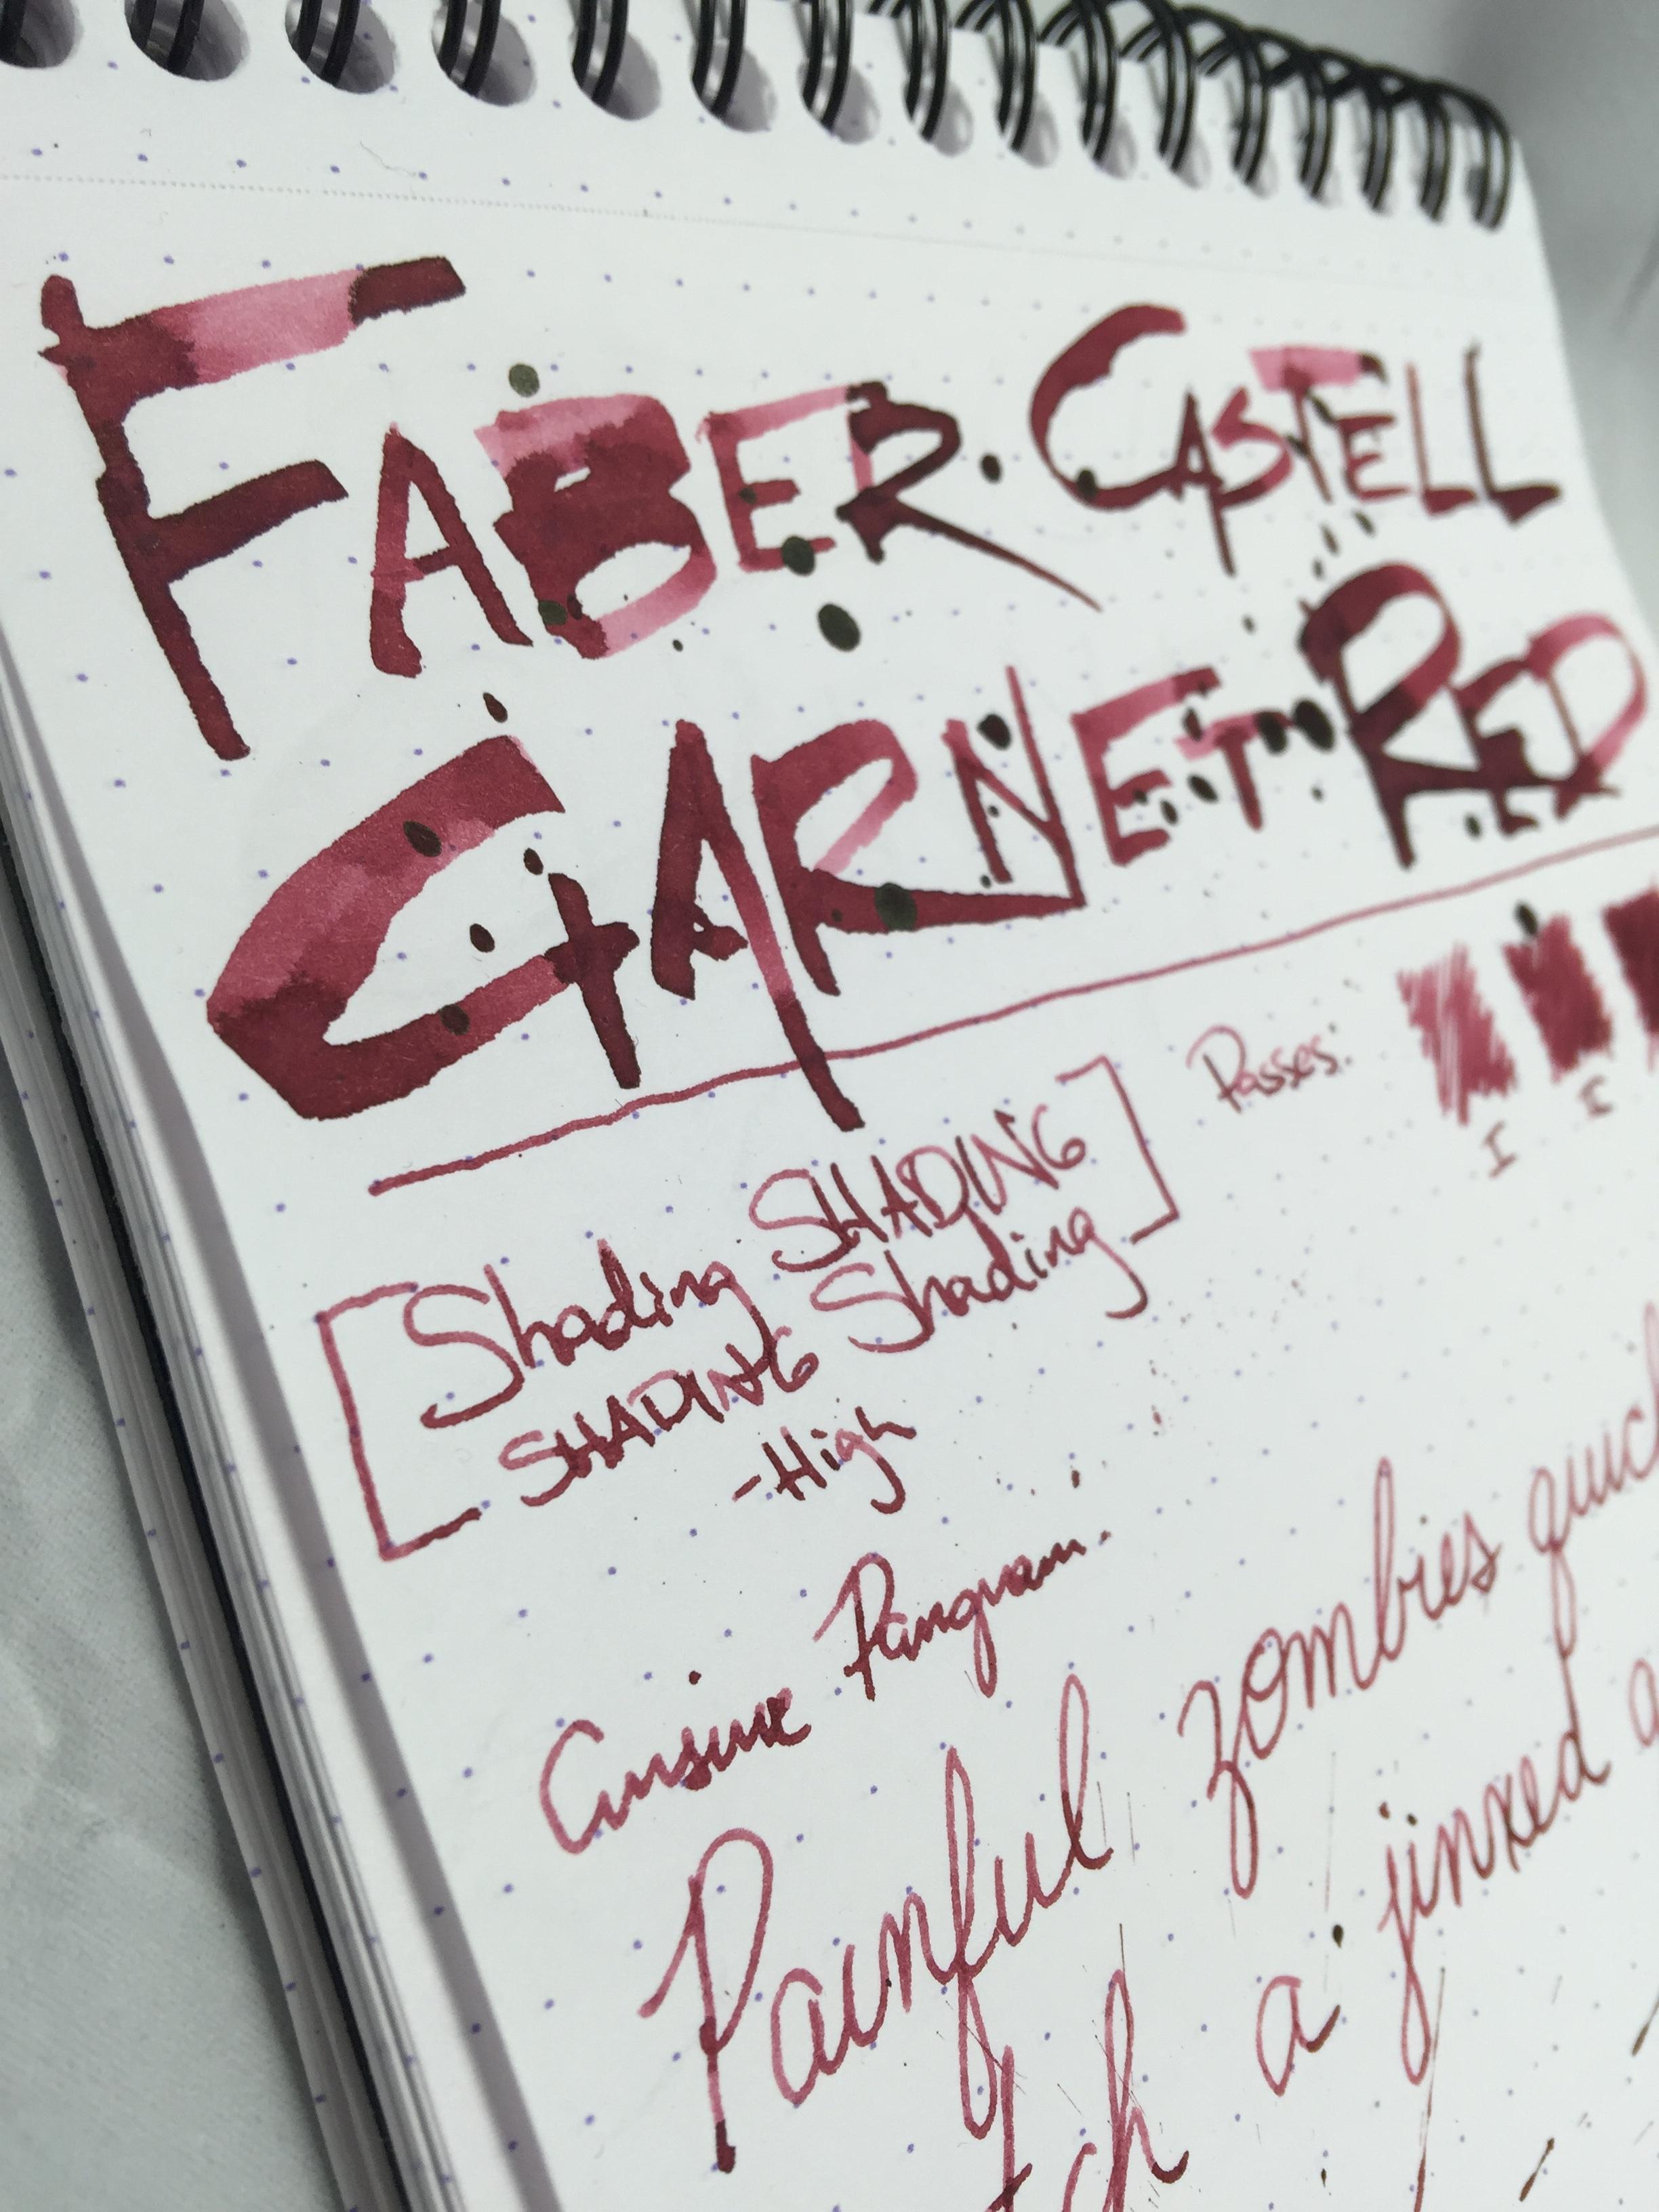 faber-castell-garnet-header